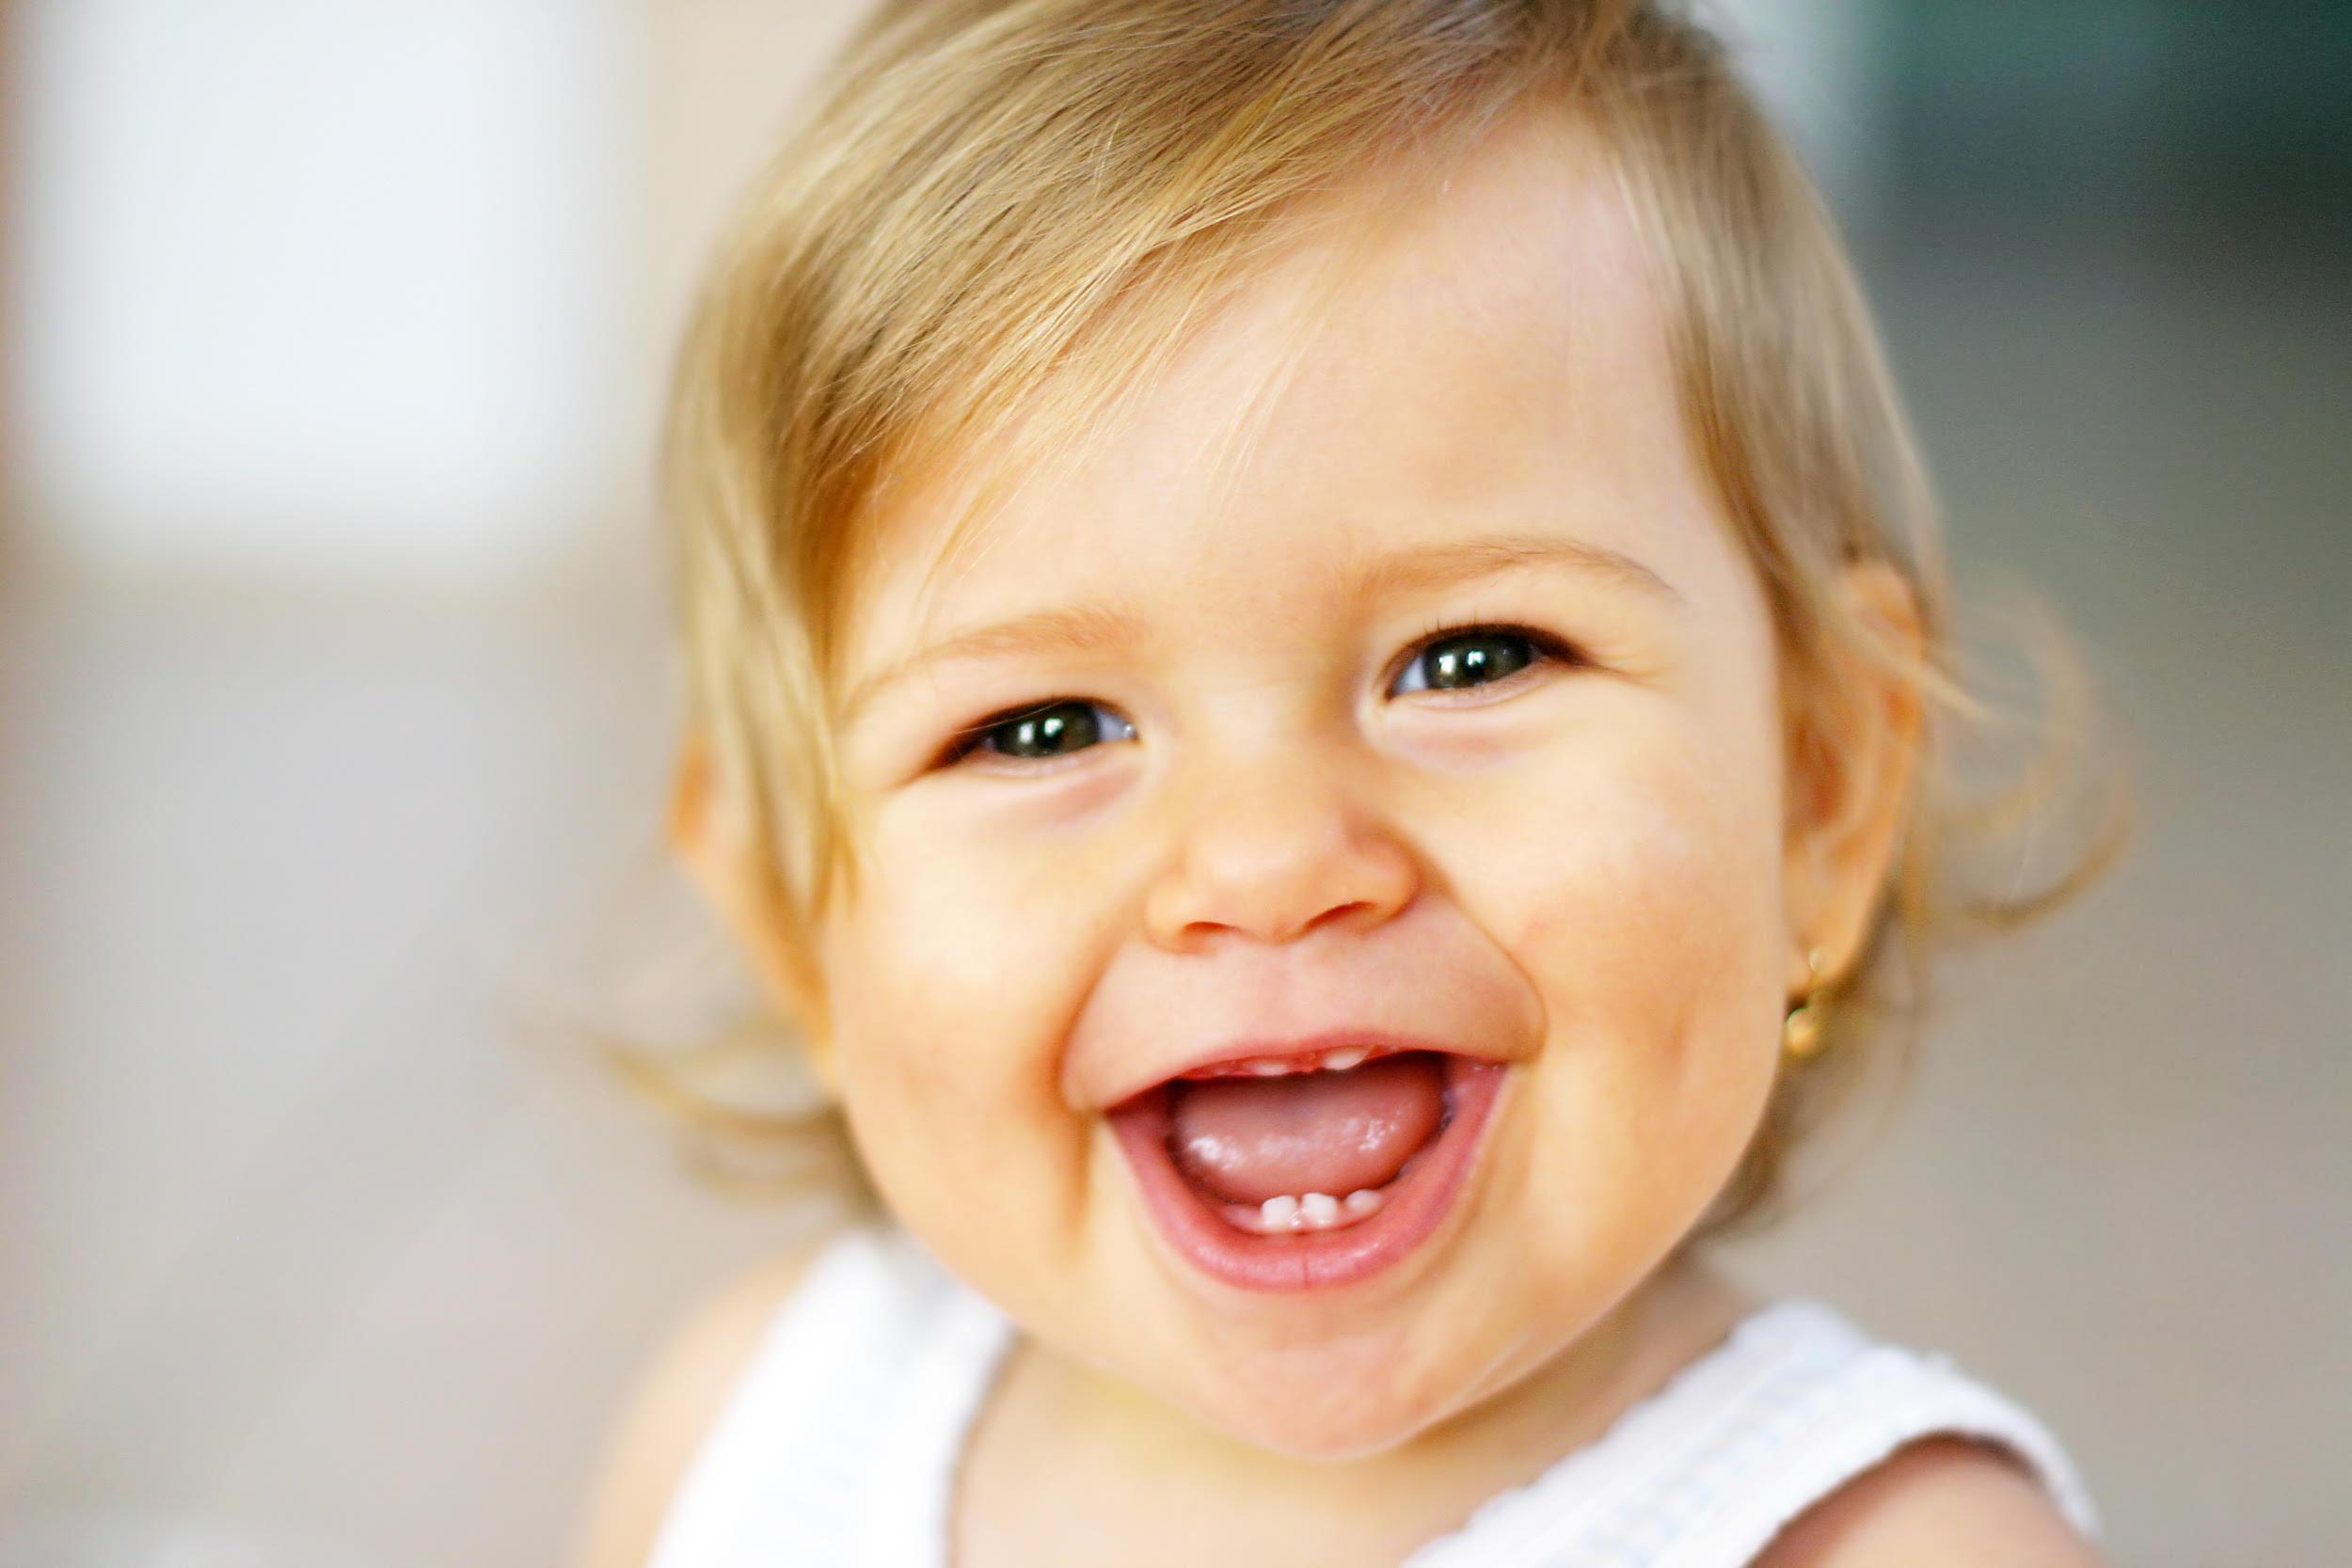 7 Coisas Que Você Precisa Saber Sobre O Nascimento Dos Dentes